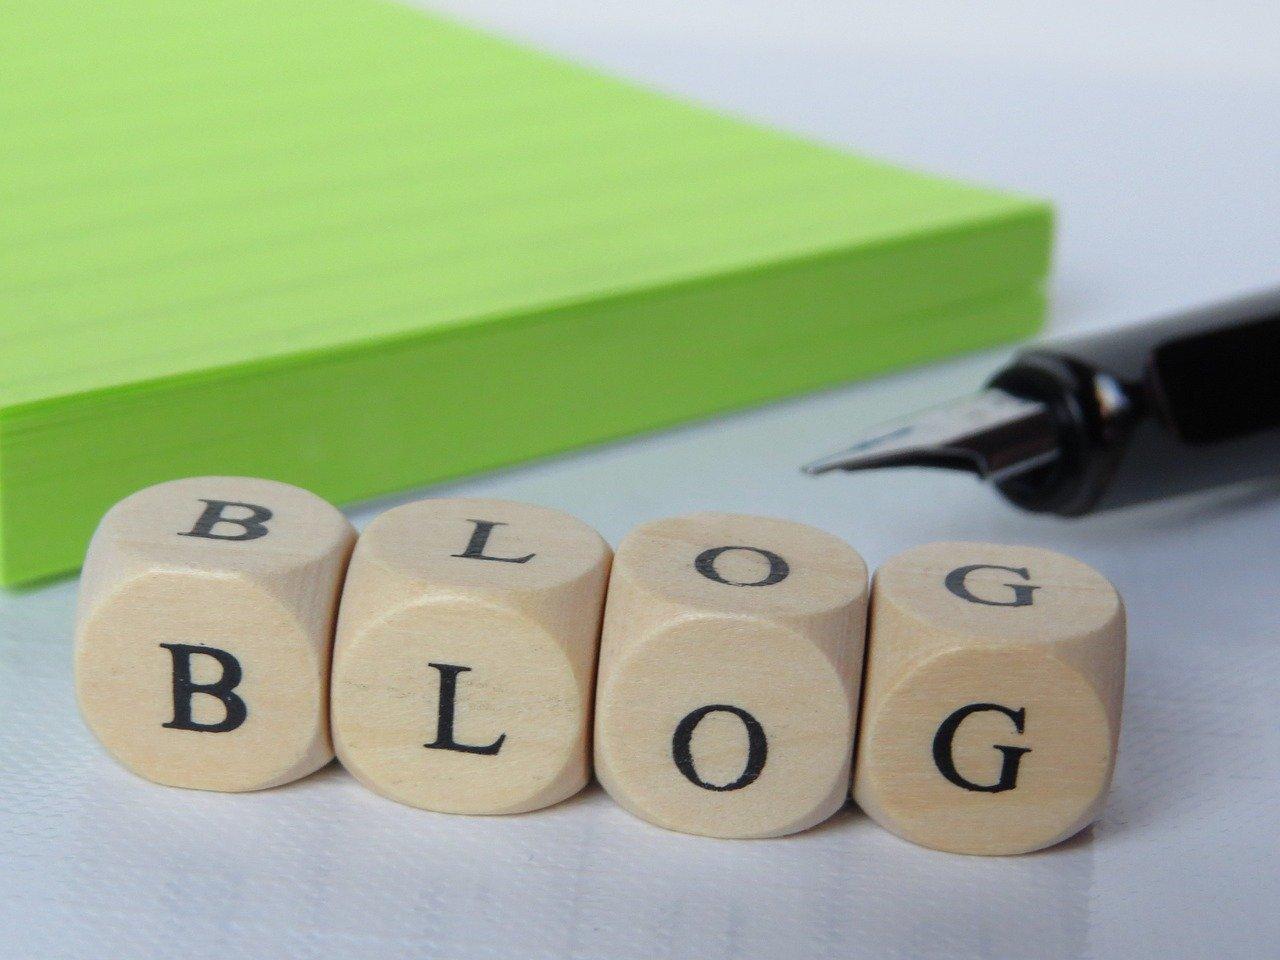 ブログ運営報告 1ヶ月